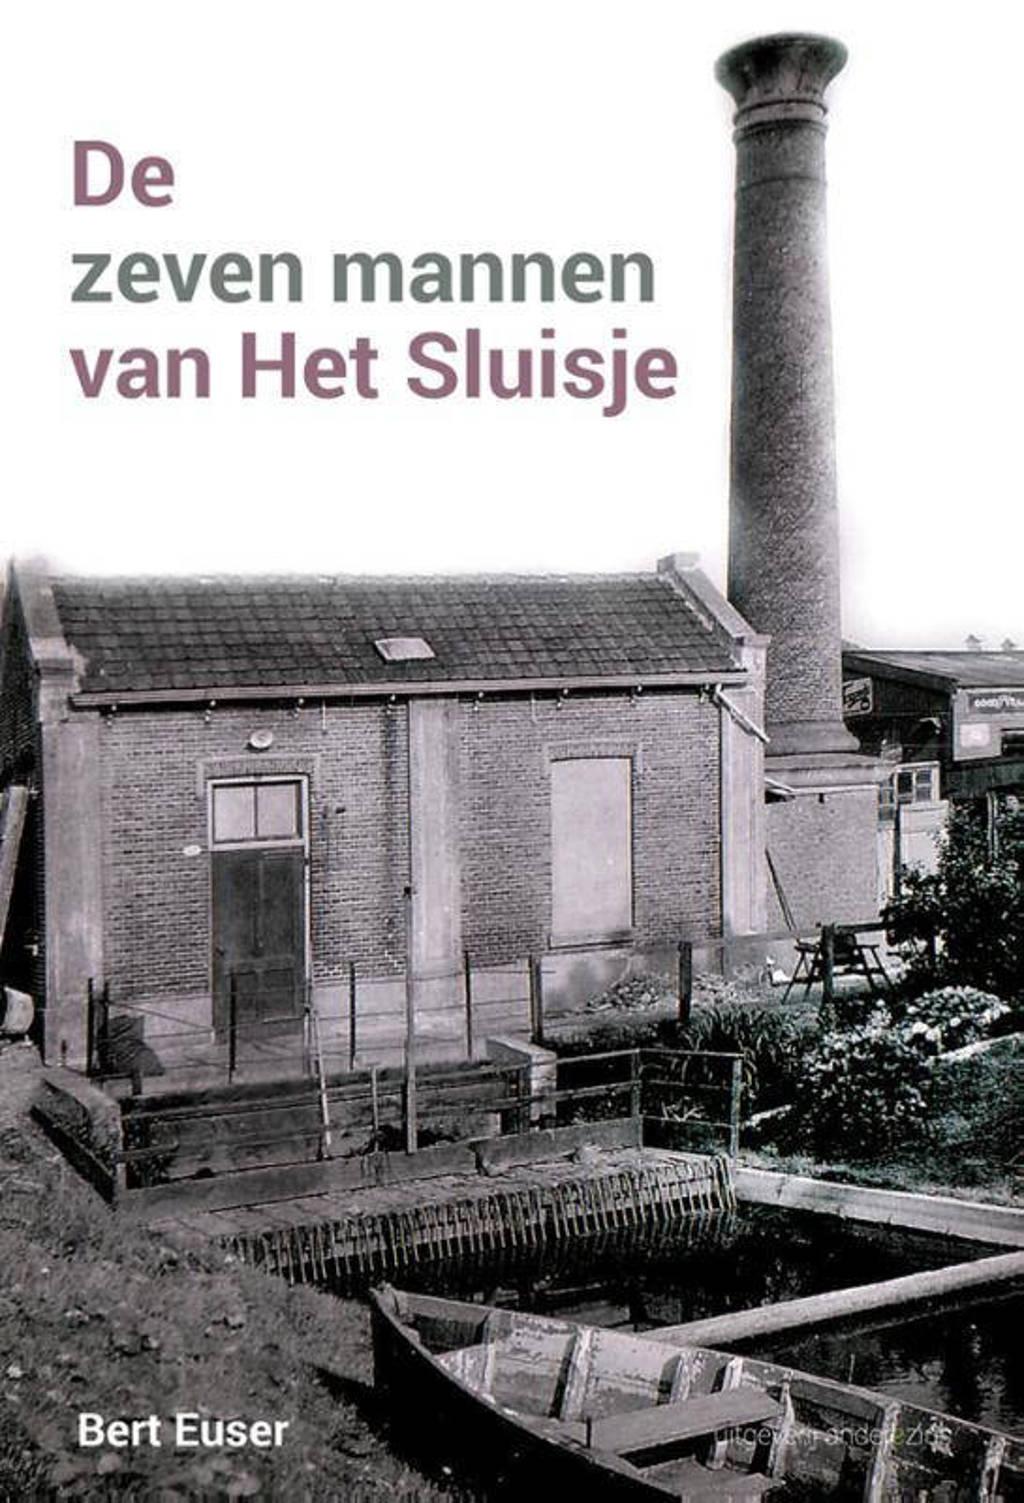 De zeven mannen van Het Sluisje - Bert Euser